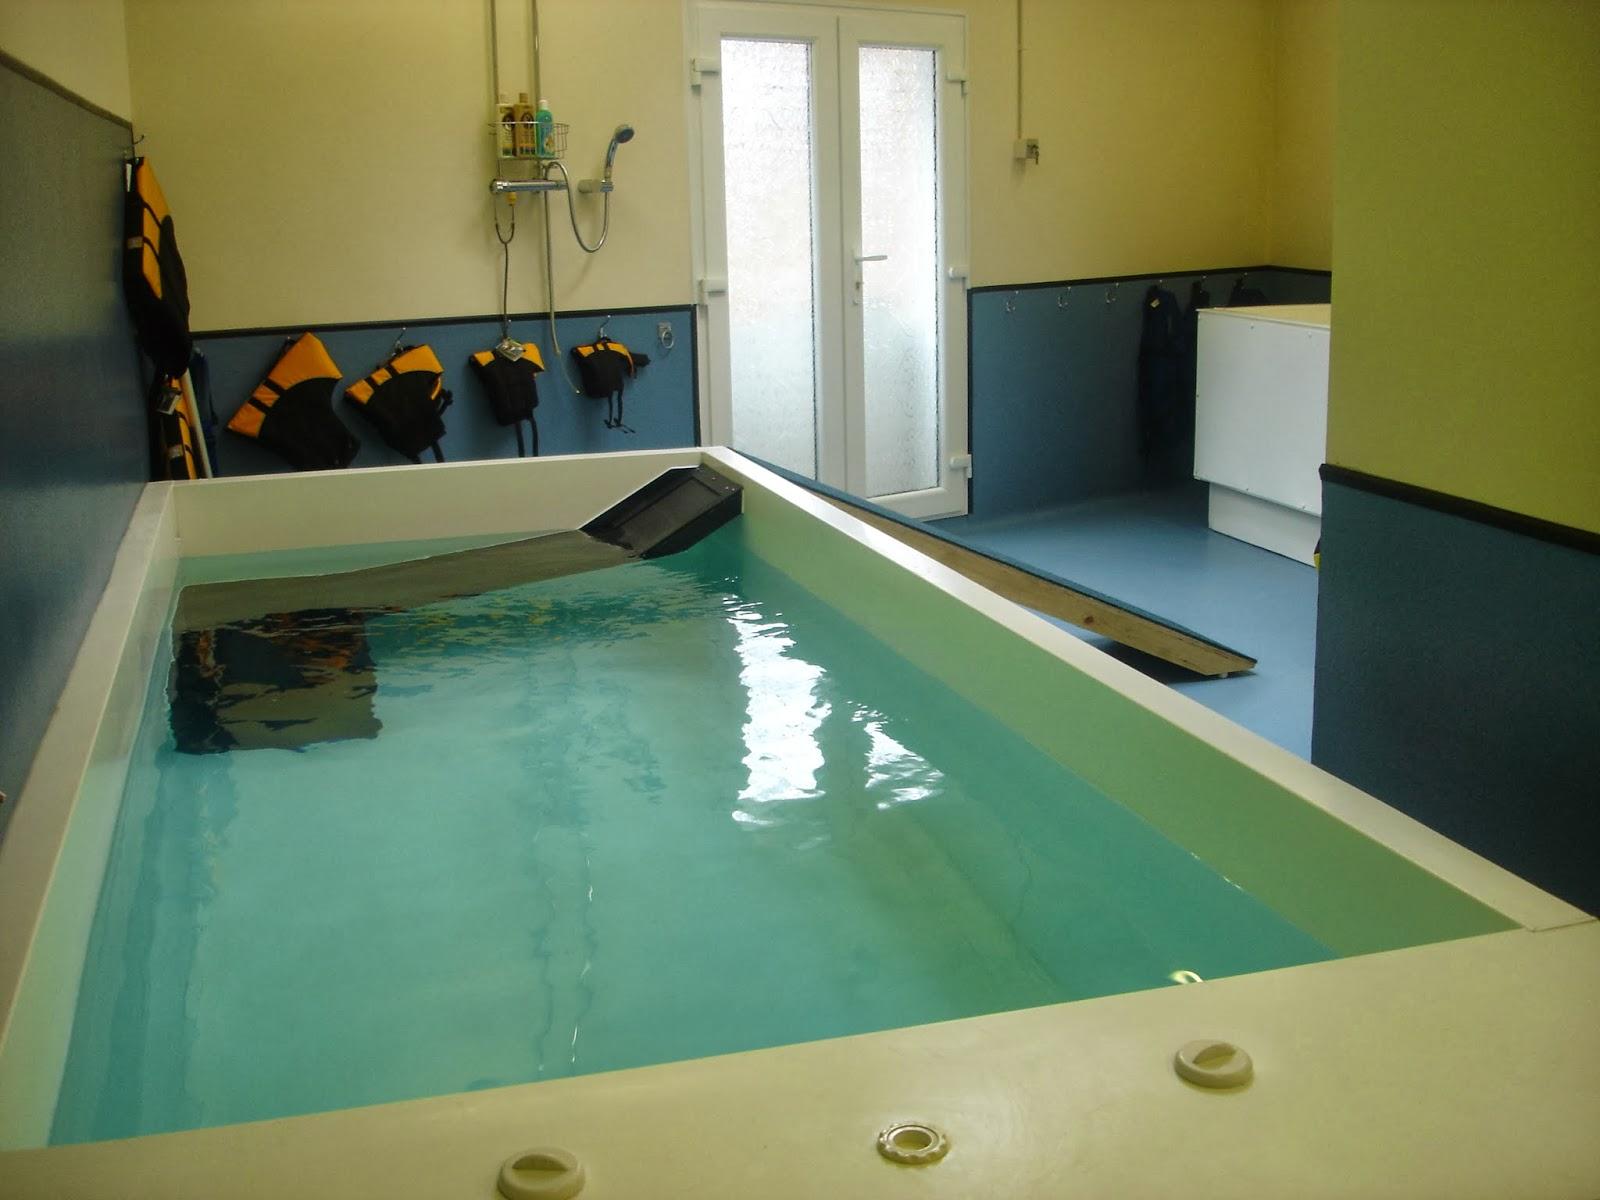 C es e piscinas passo a passo petescadas - Piscinas altas ...